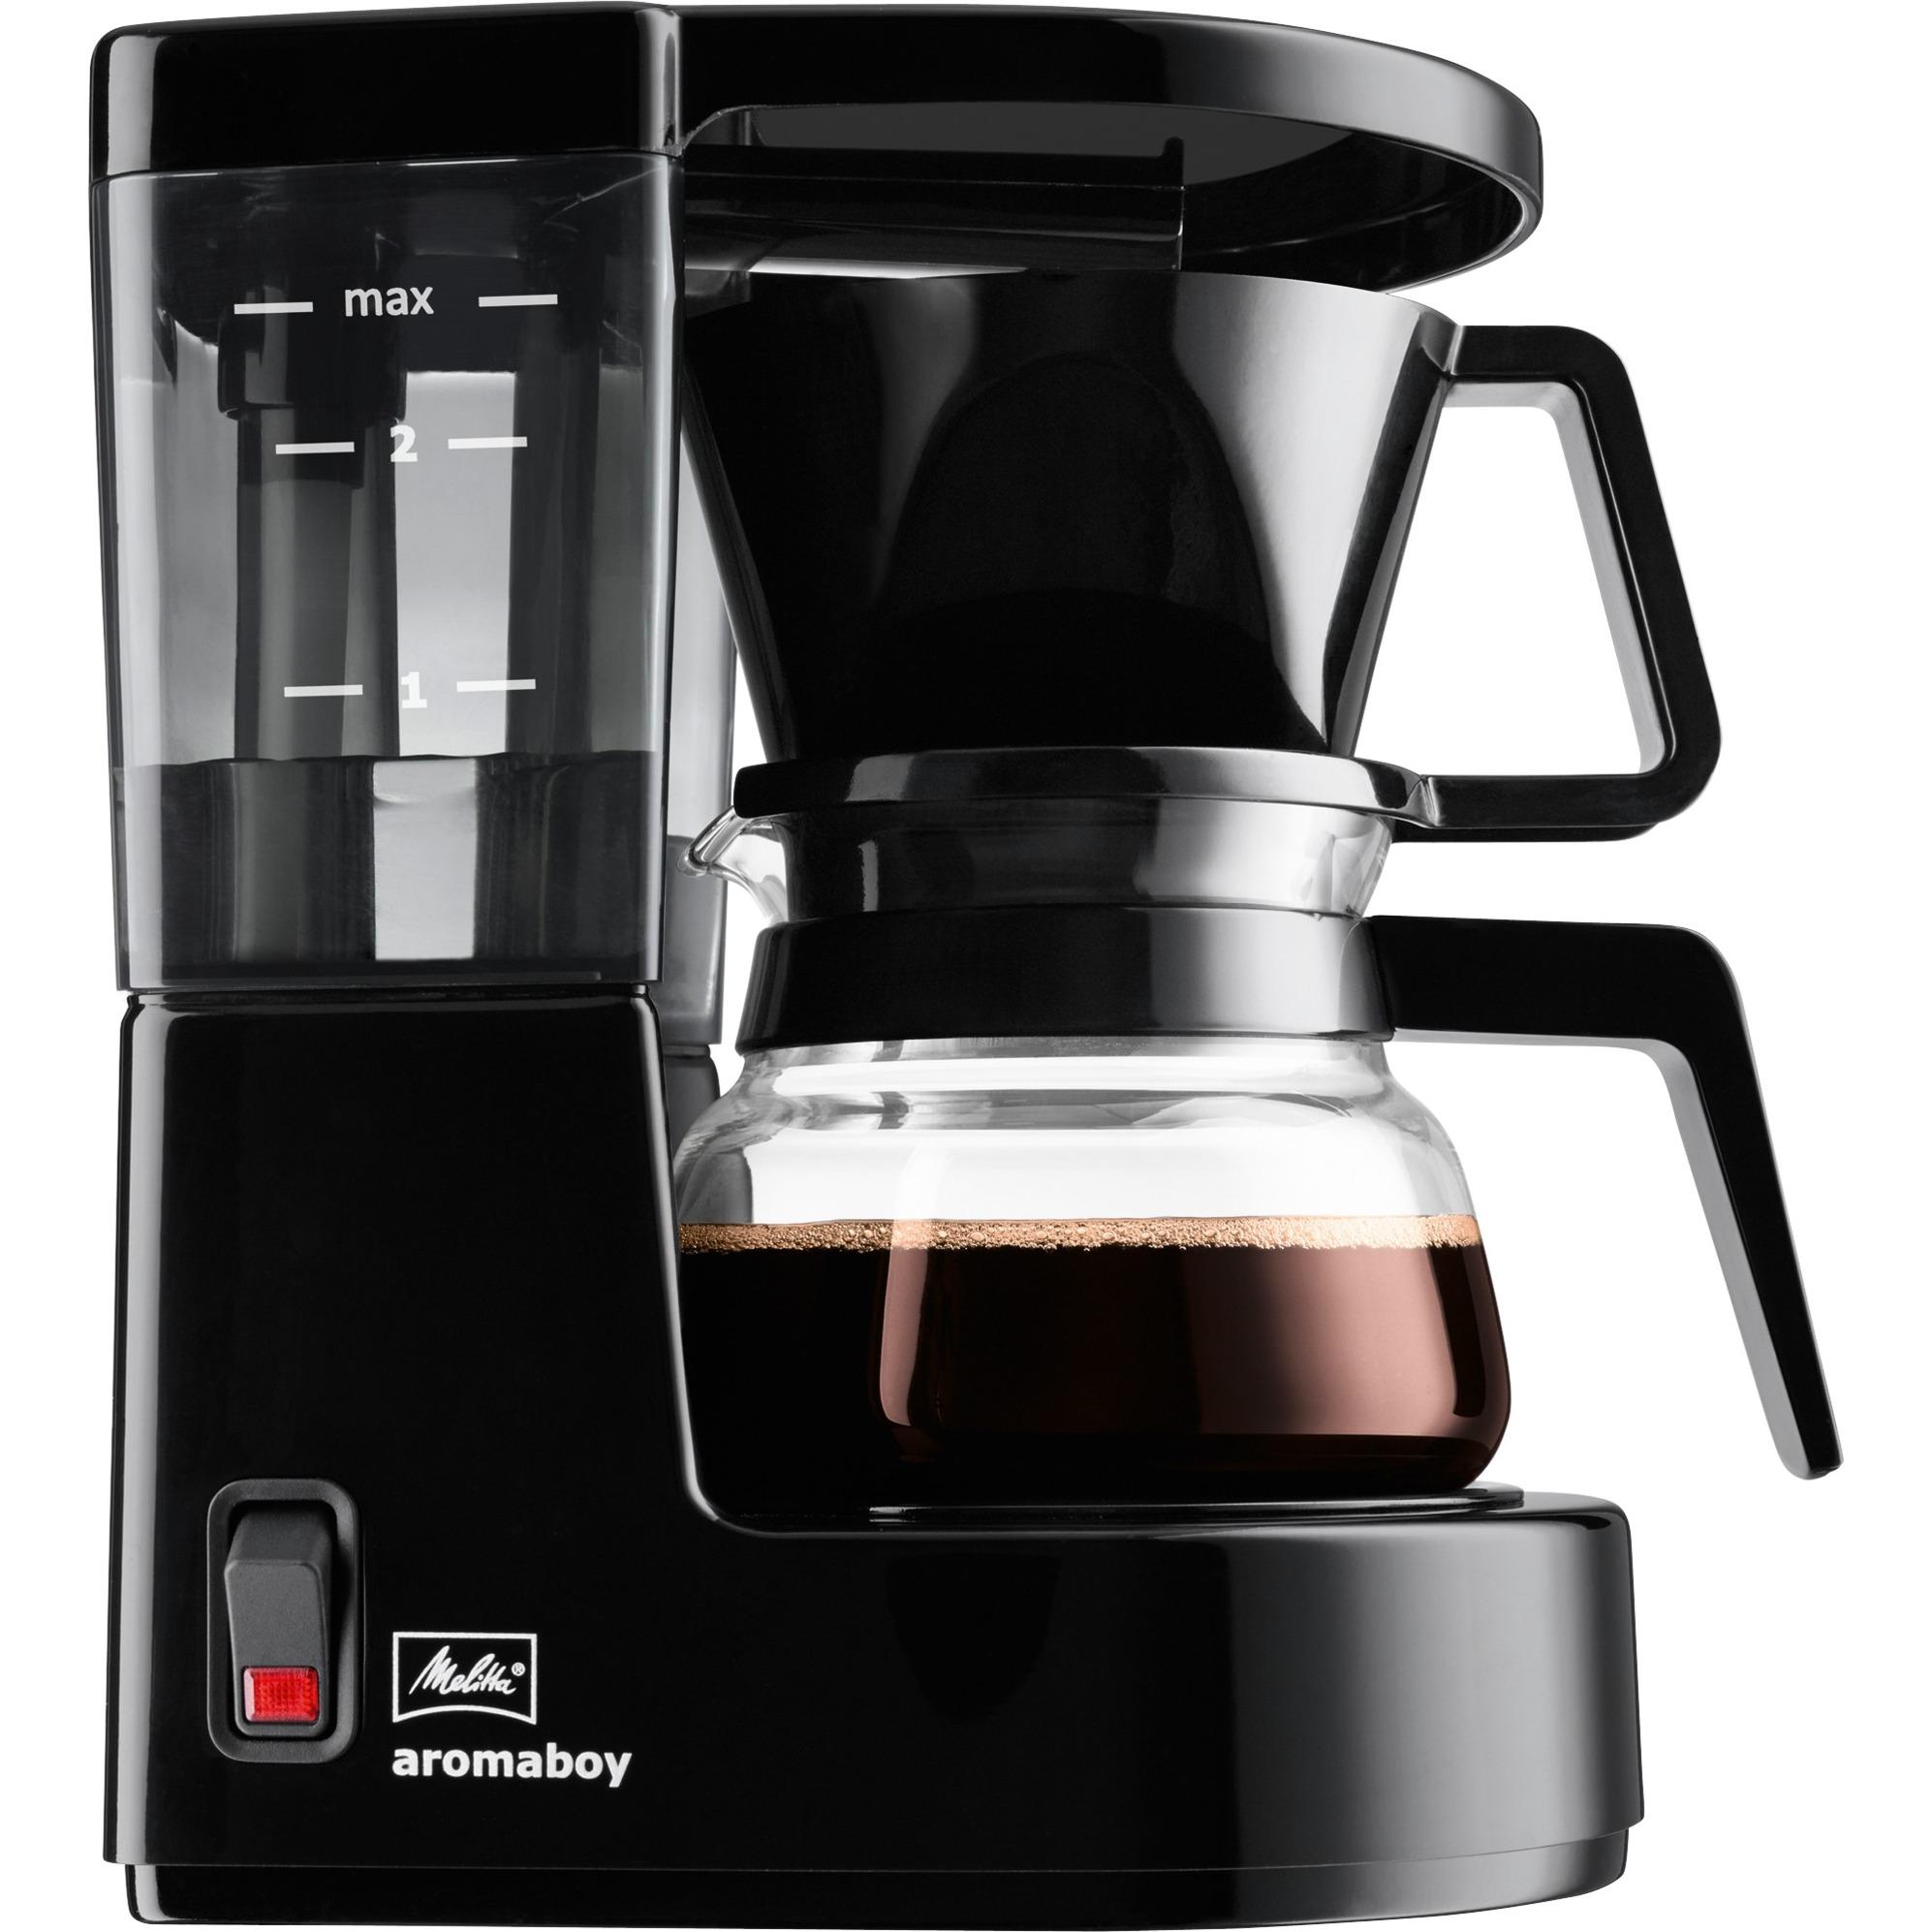 Aromaboy Independiente Cafetera de filtro Negro 2 tazas